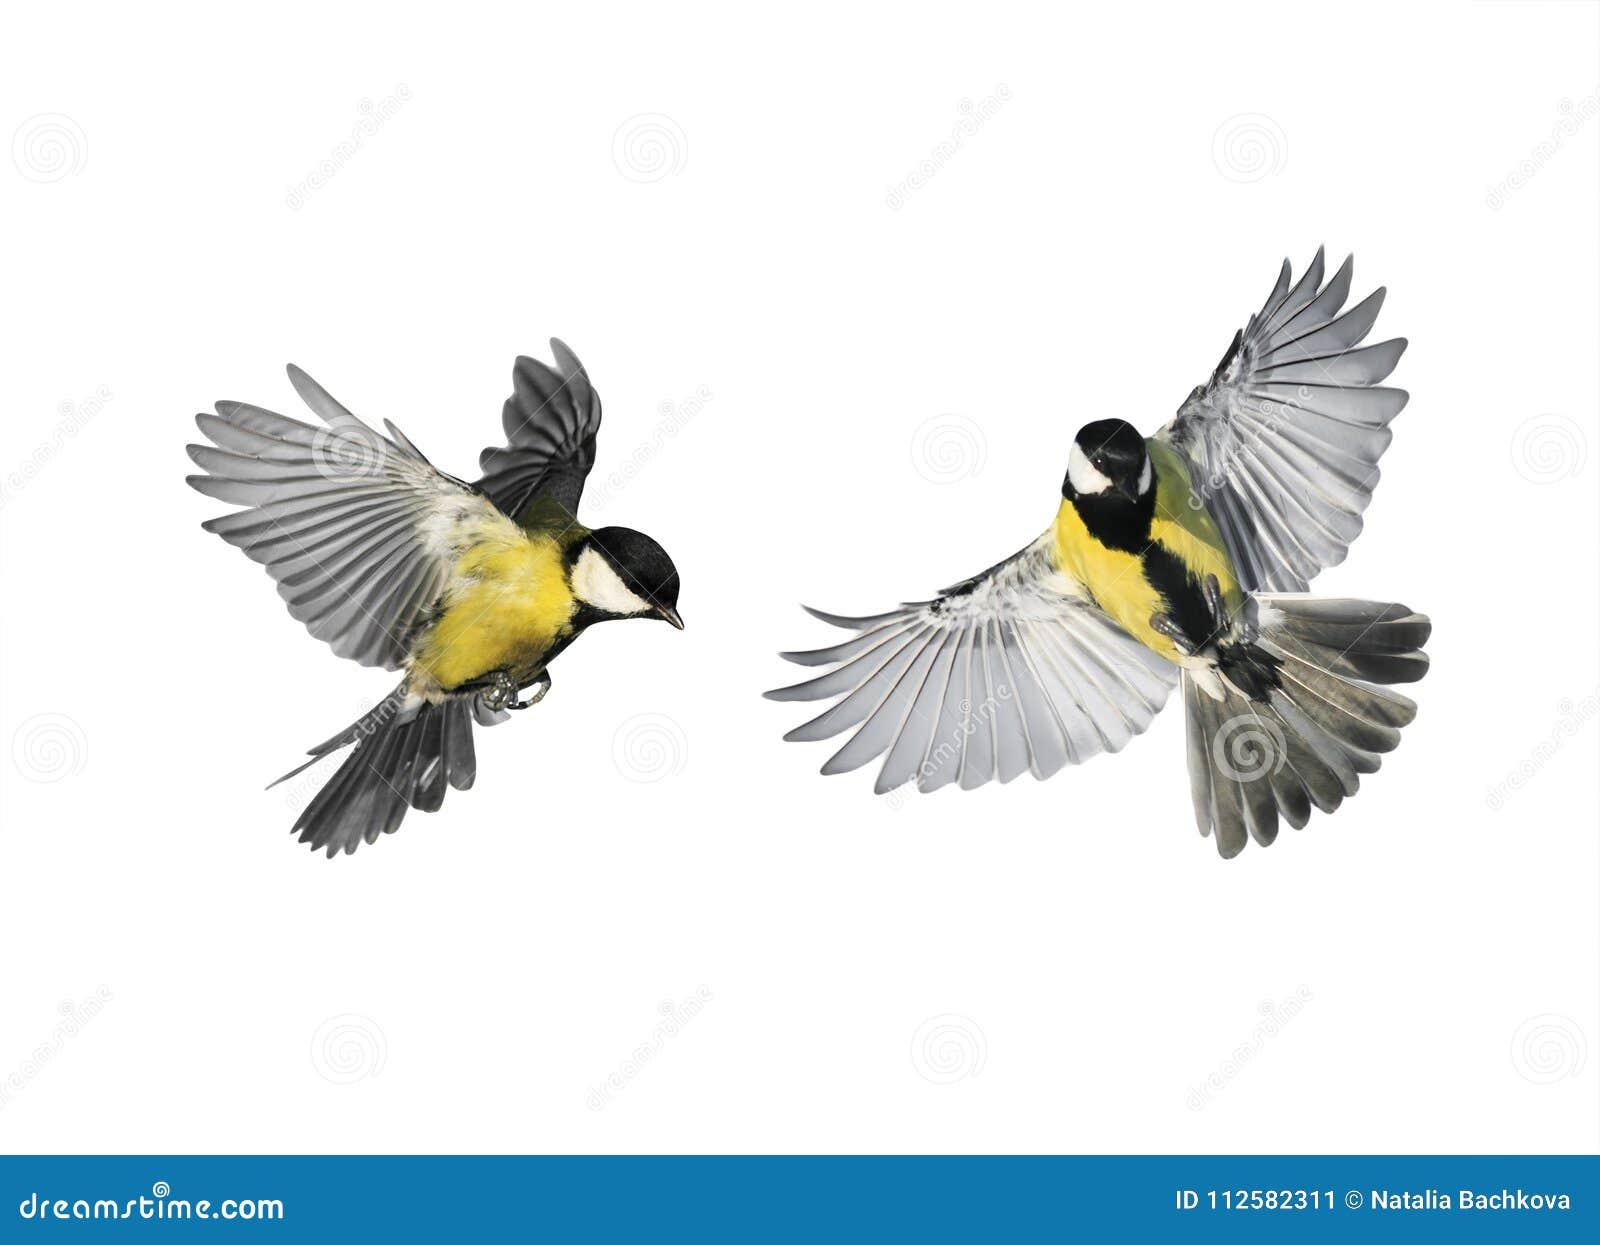 Ein paar kleine Vögel Chickadees, die in Richtung zur Verbreitung seinen Gewinn fliegen